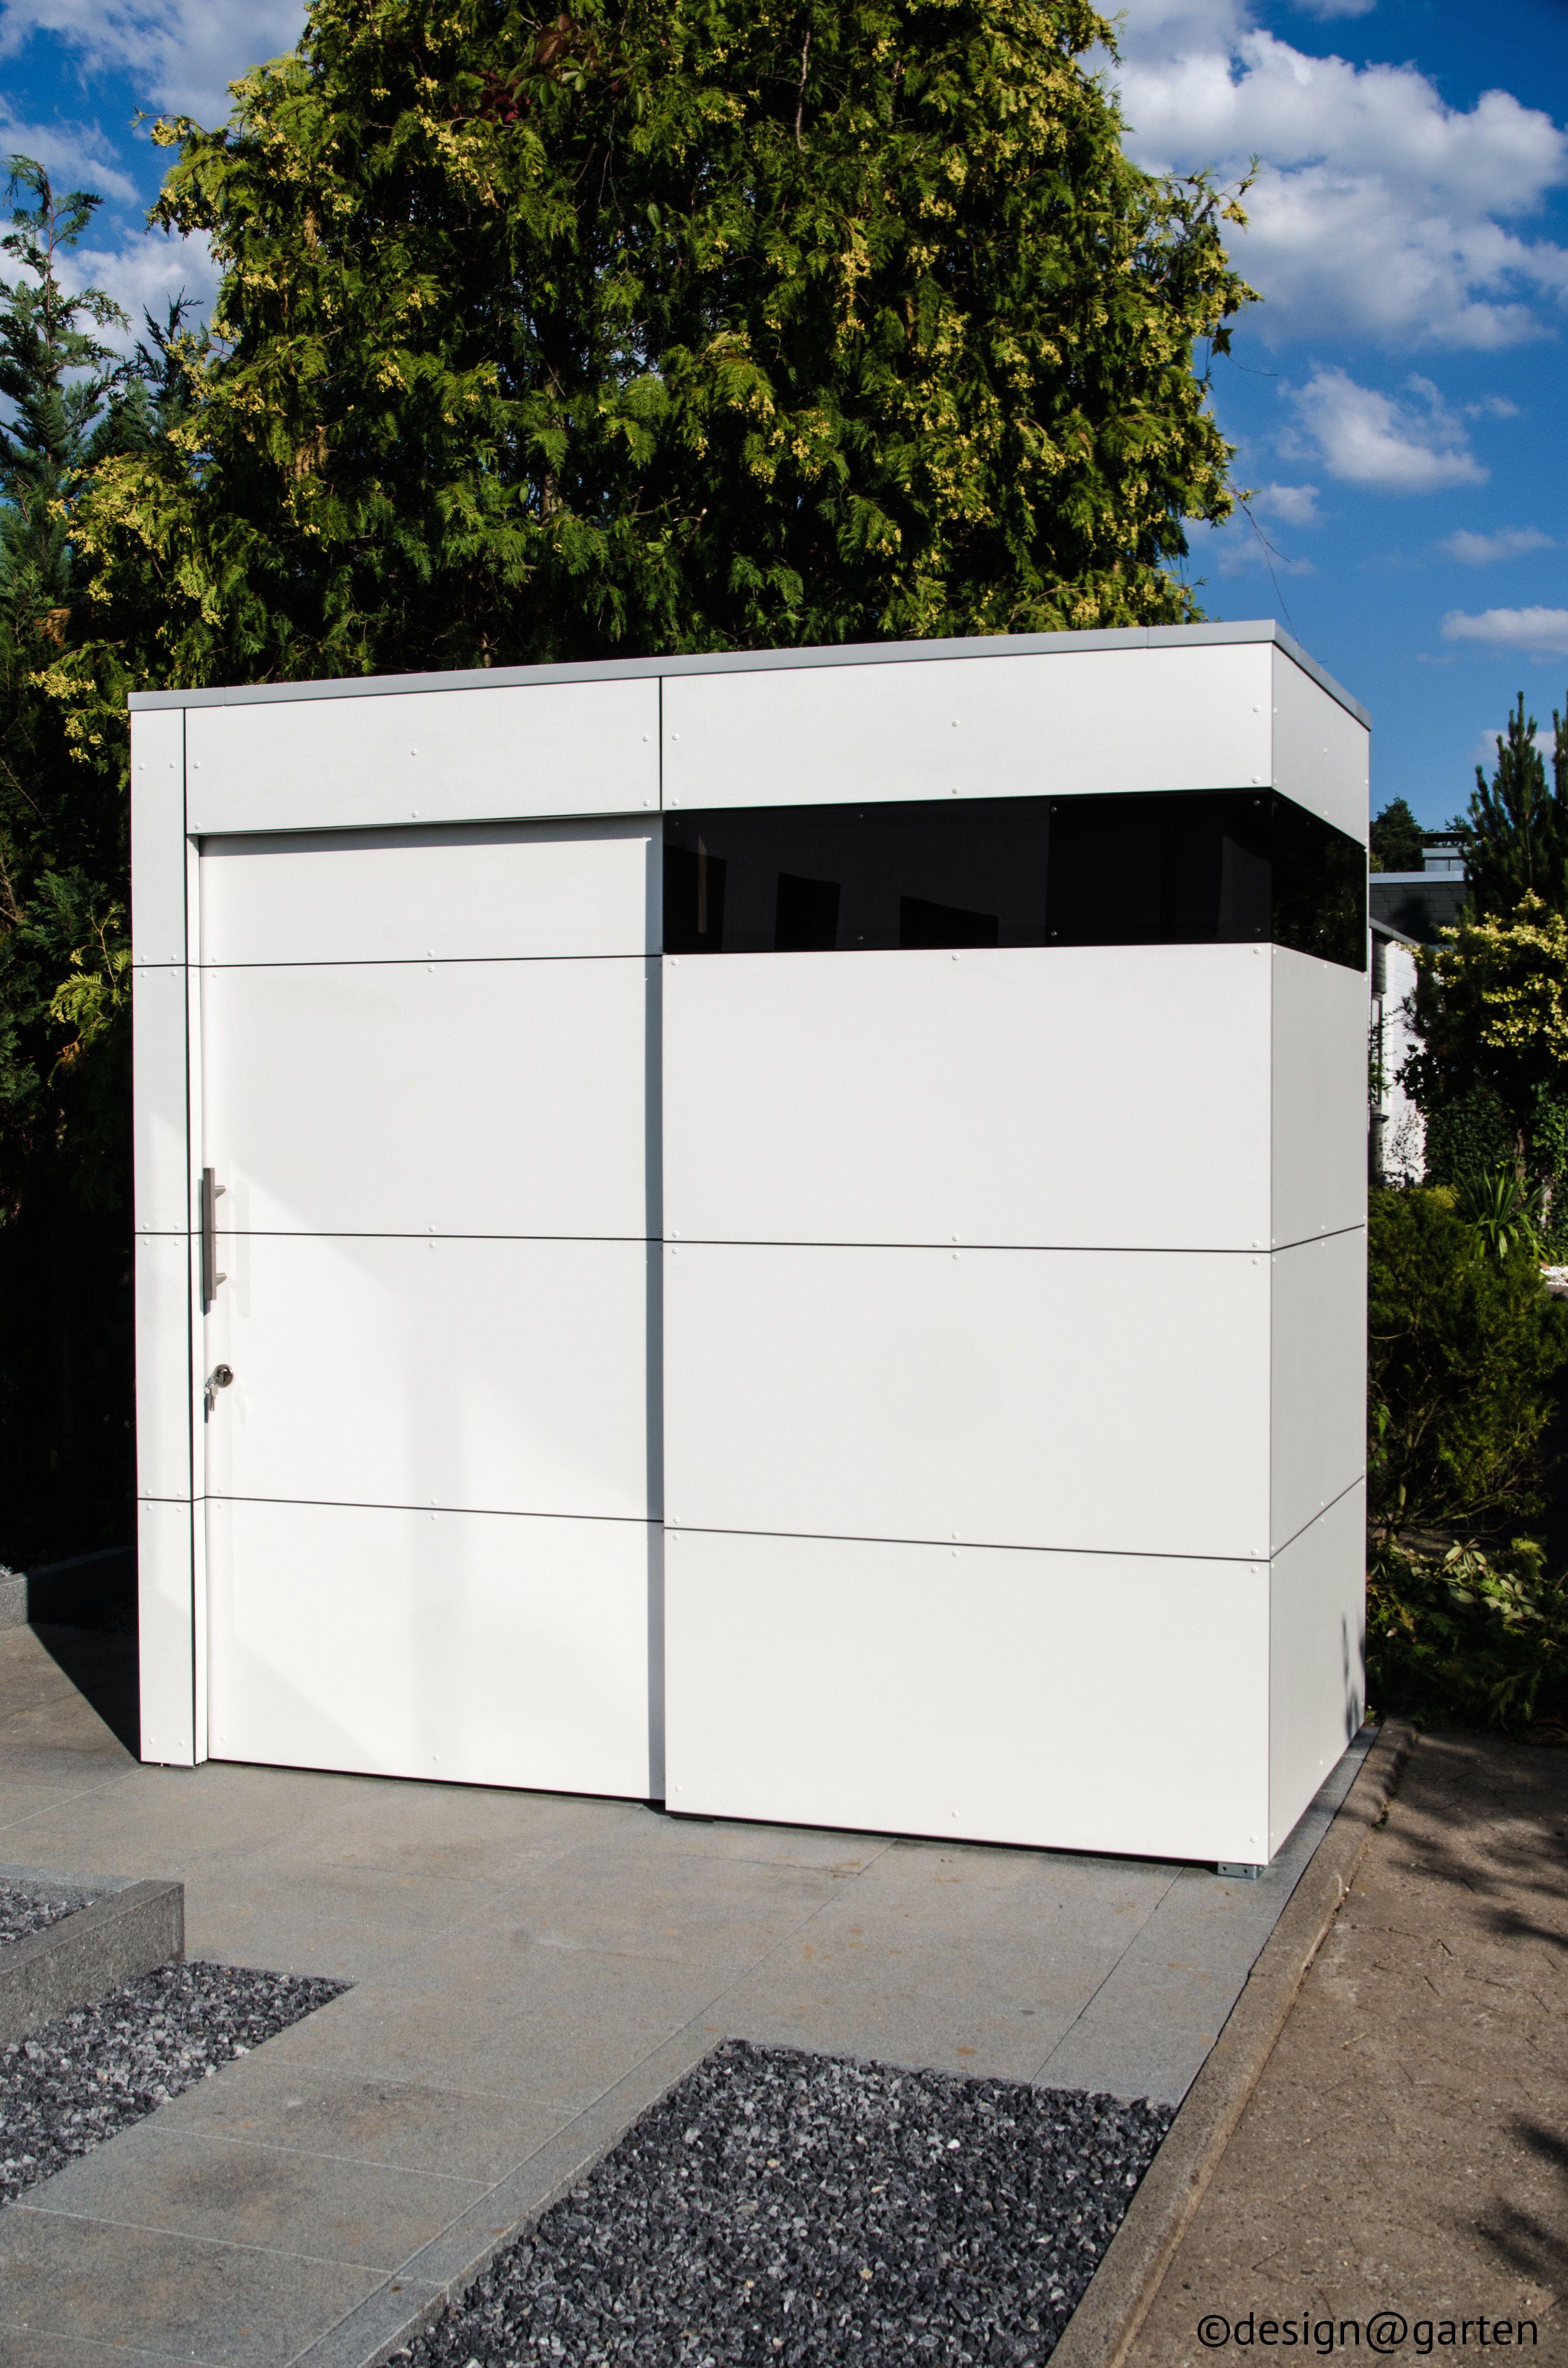 design gartenhaus @gart_eins by design@garten - dormagen, germany ...